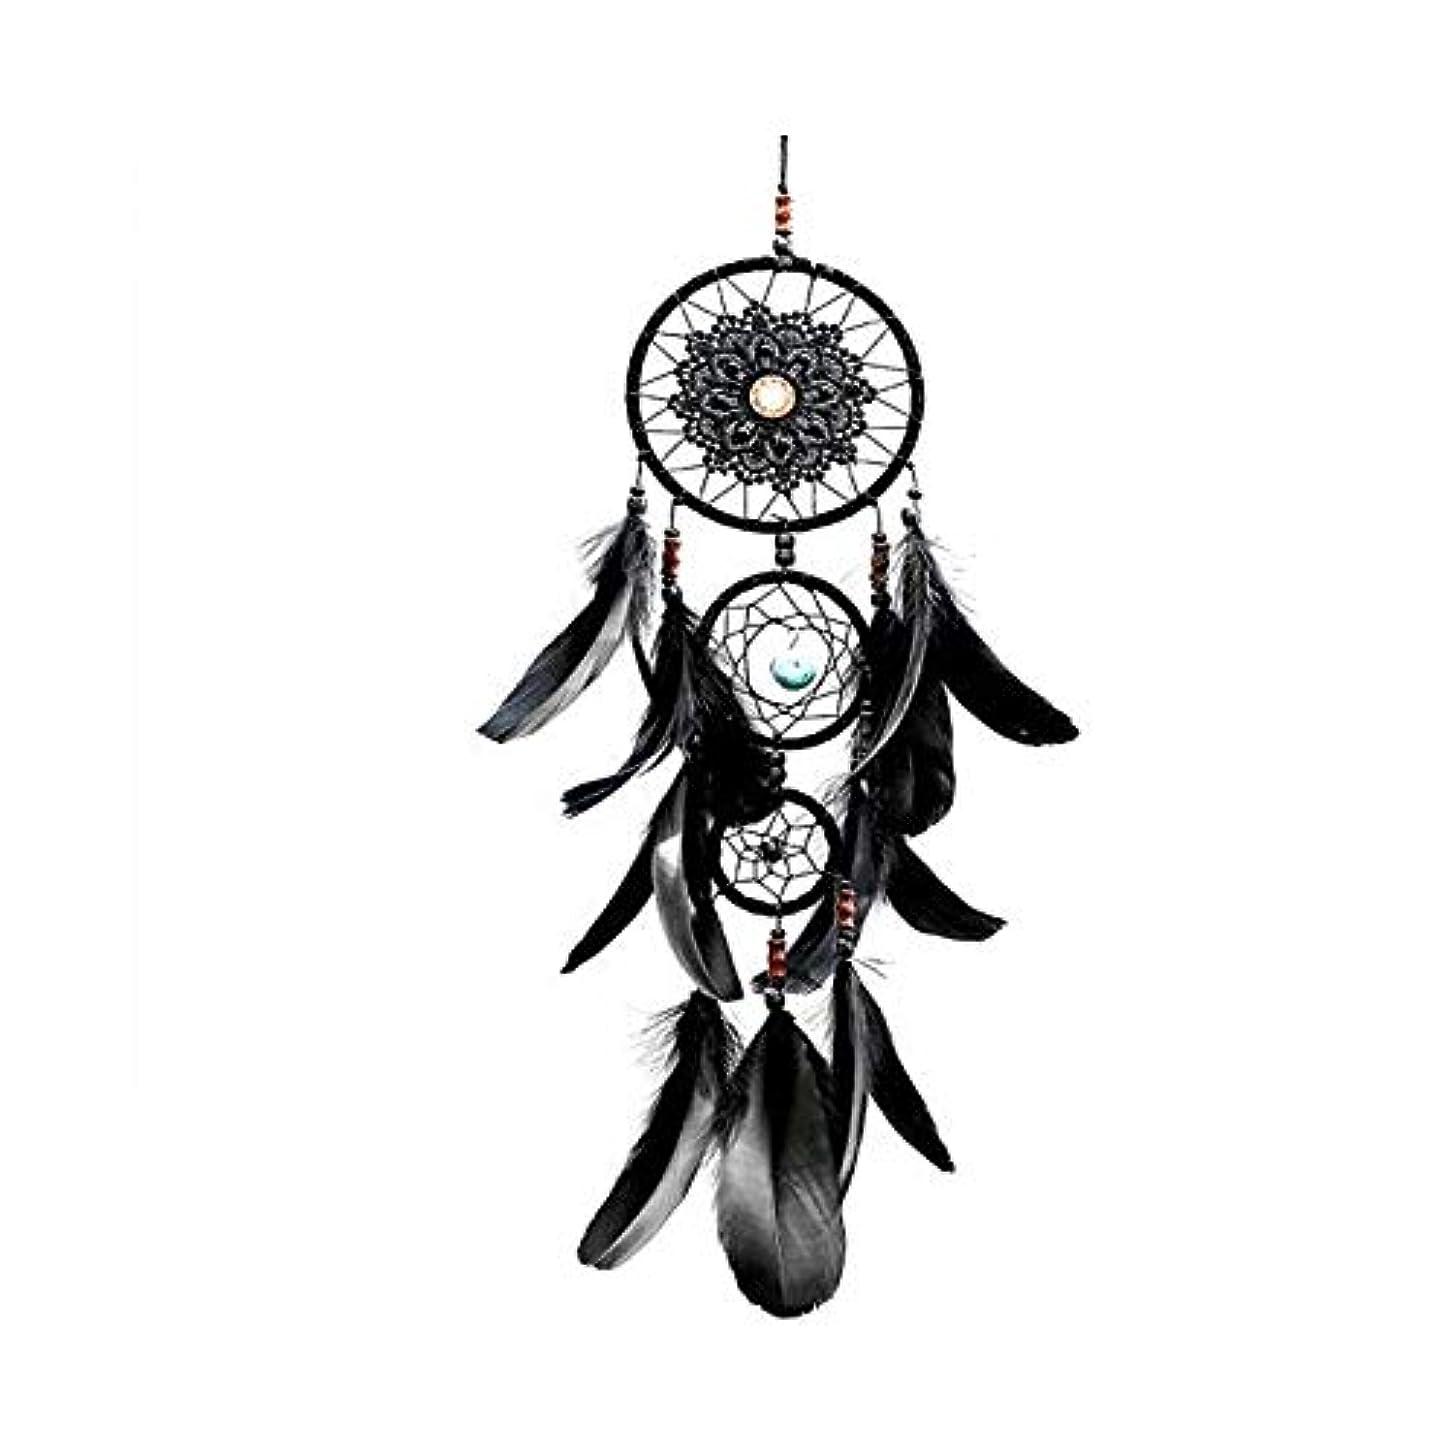 優越第二に荒涼とした風鈴、黒の3環の装飾、家の装飾、ベッドルームのバルコニーの装飾のペンダント (Size : 57cm)